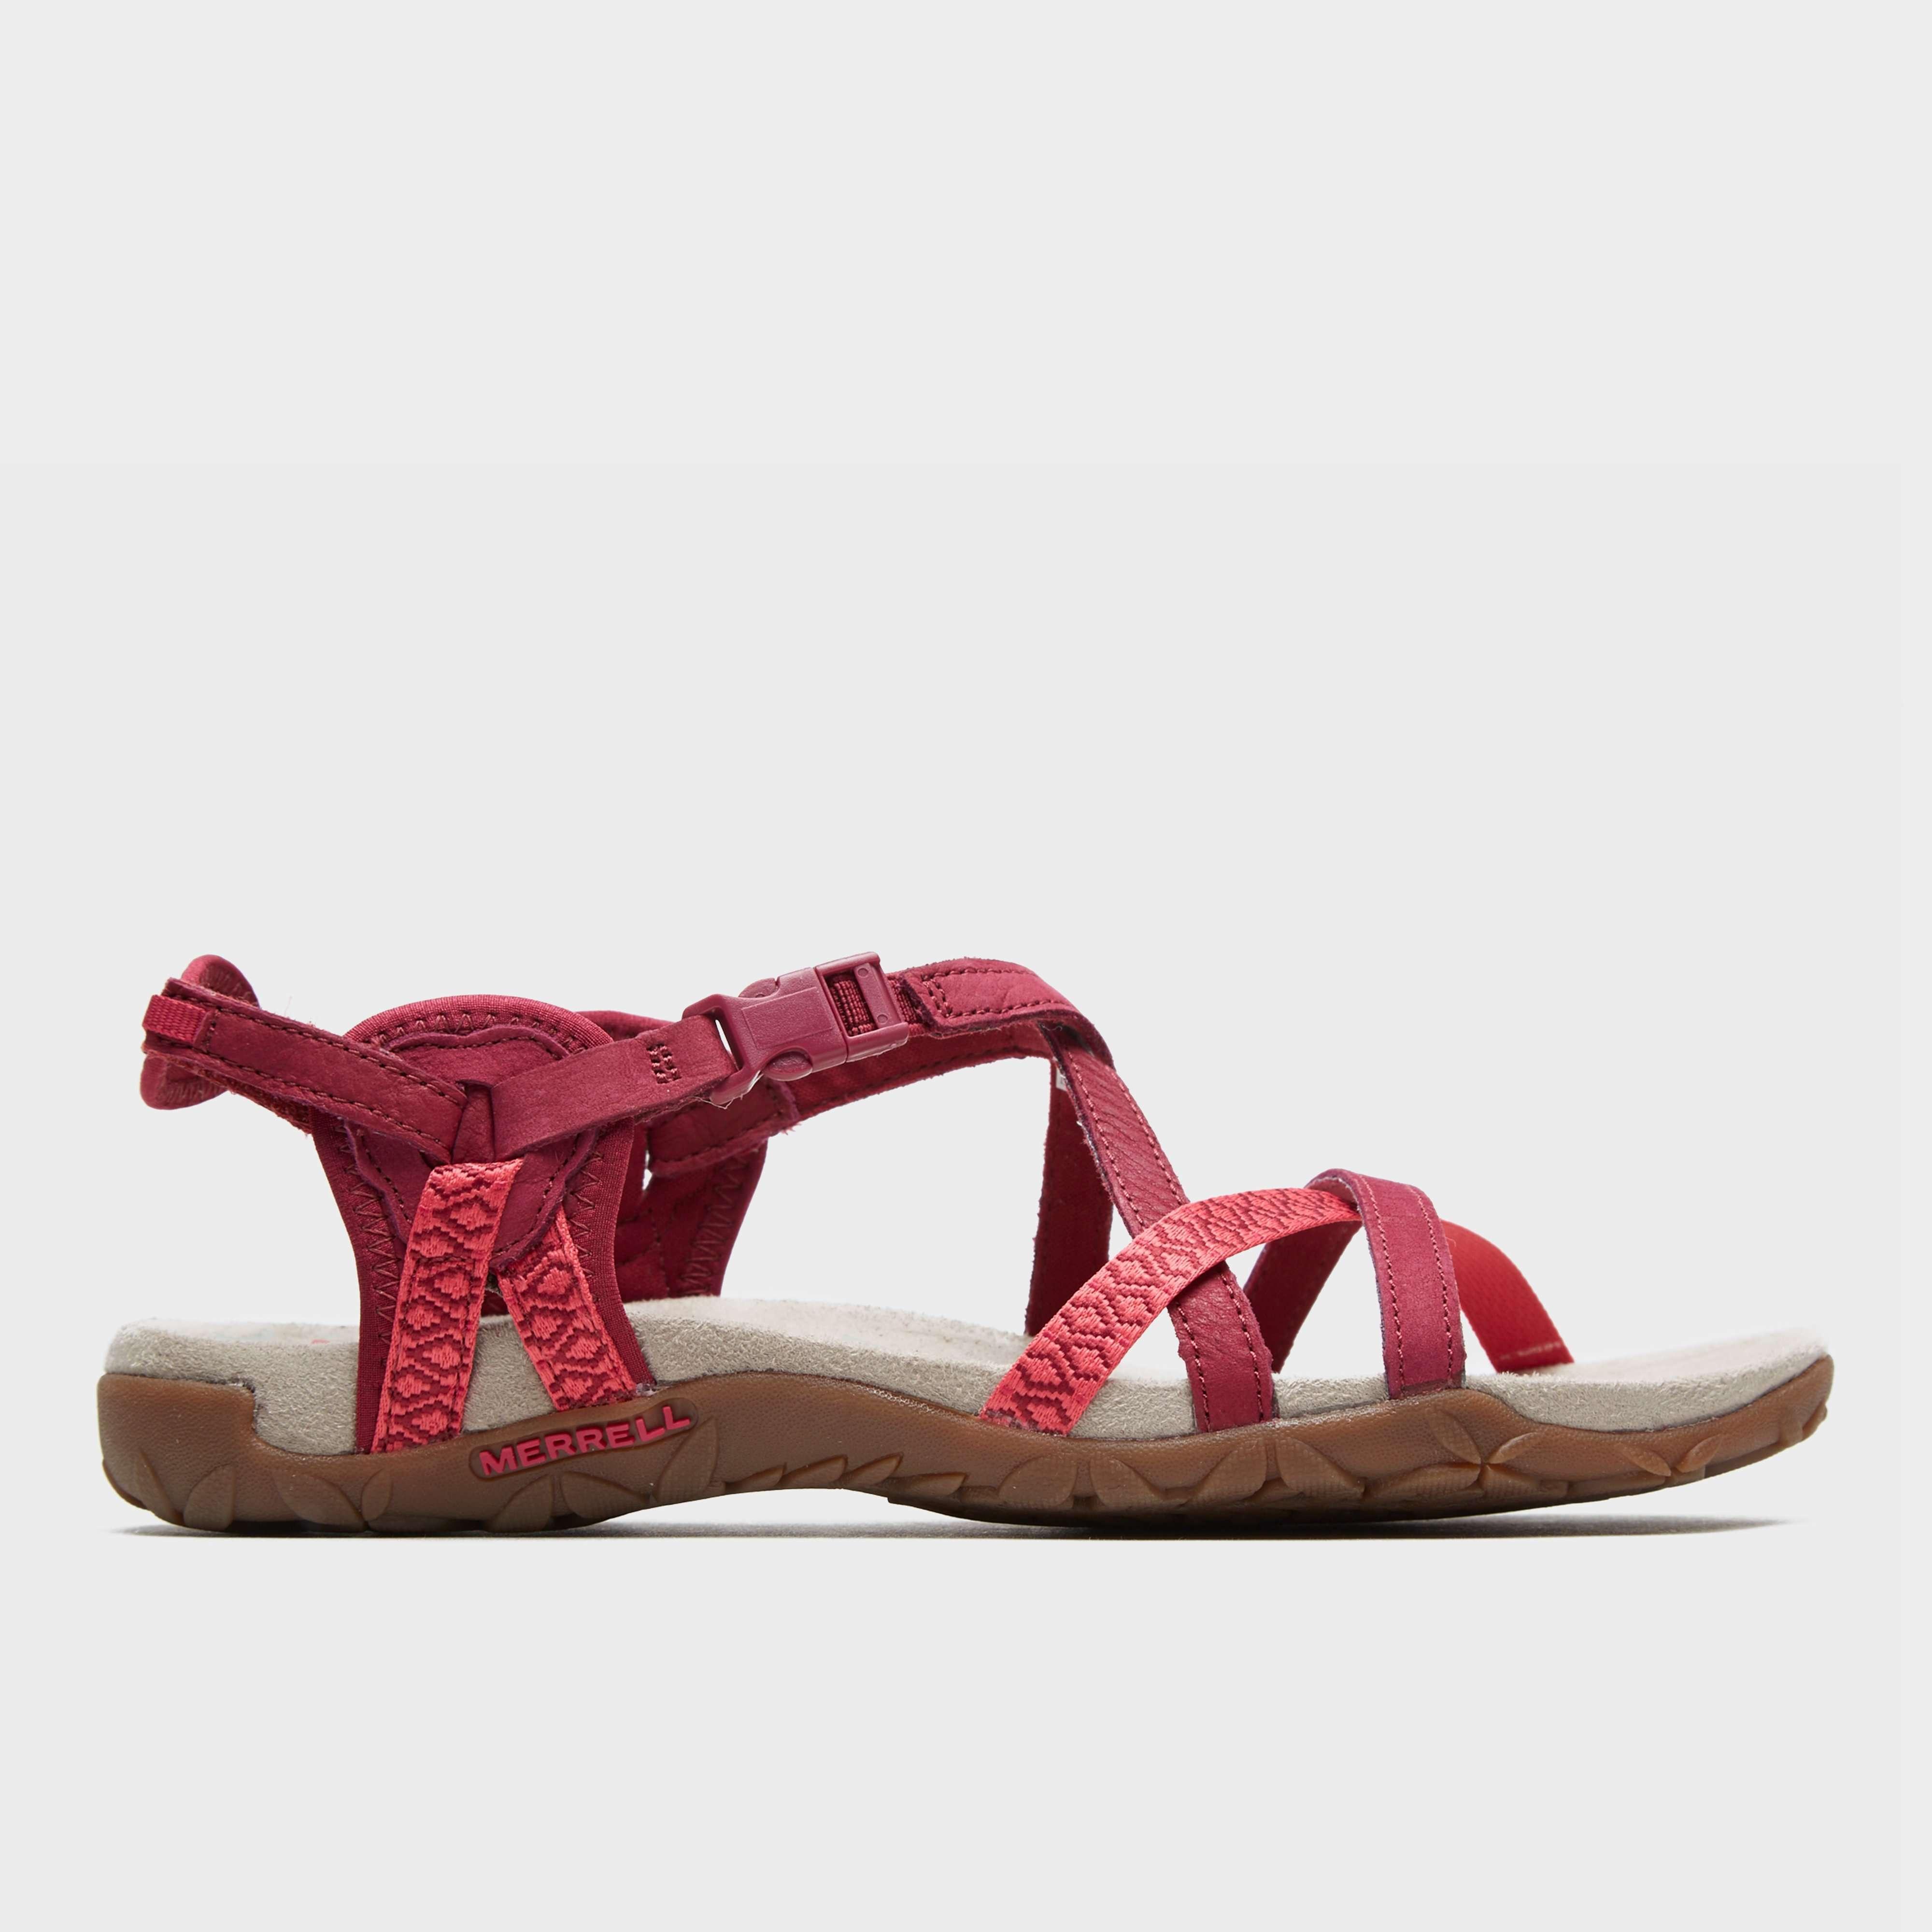 MERRELL Women's Terran Lattice Sandals